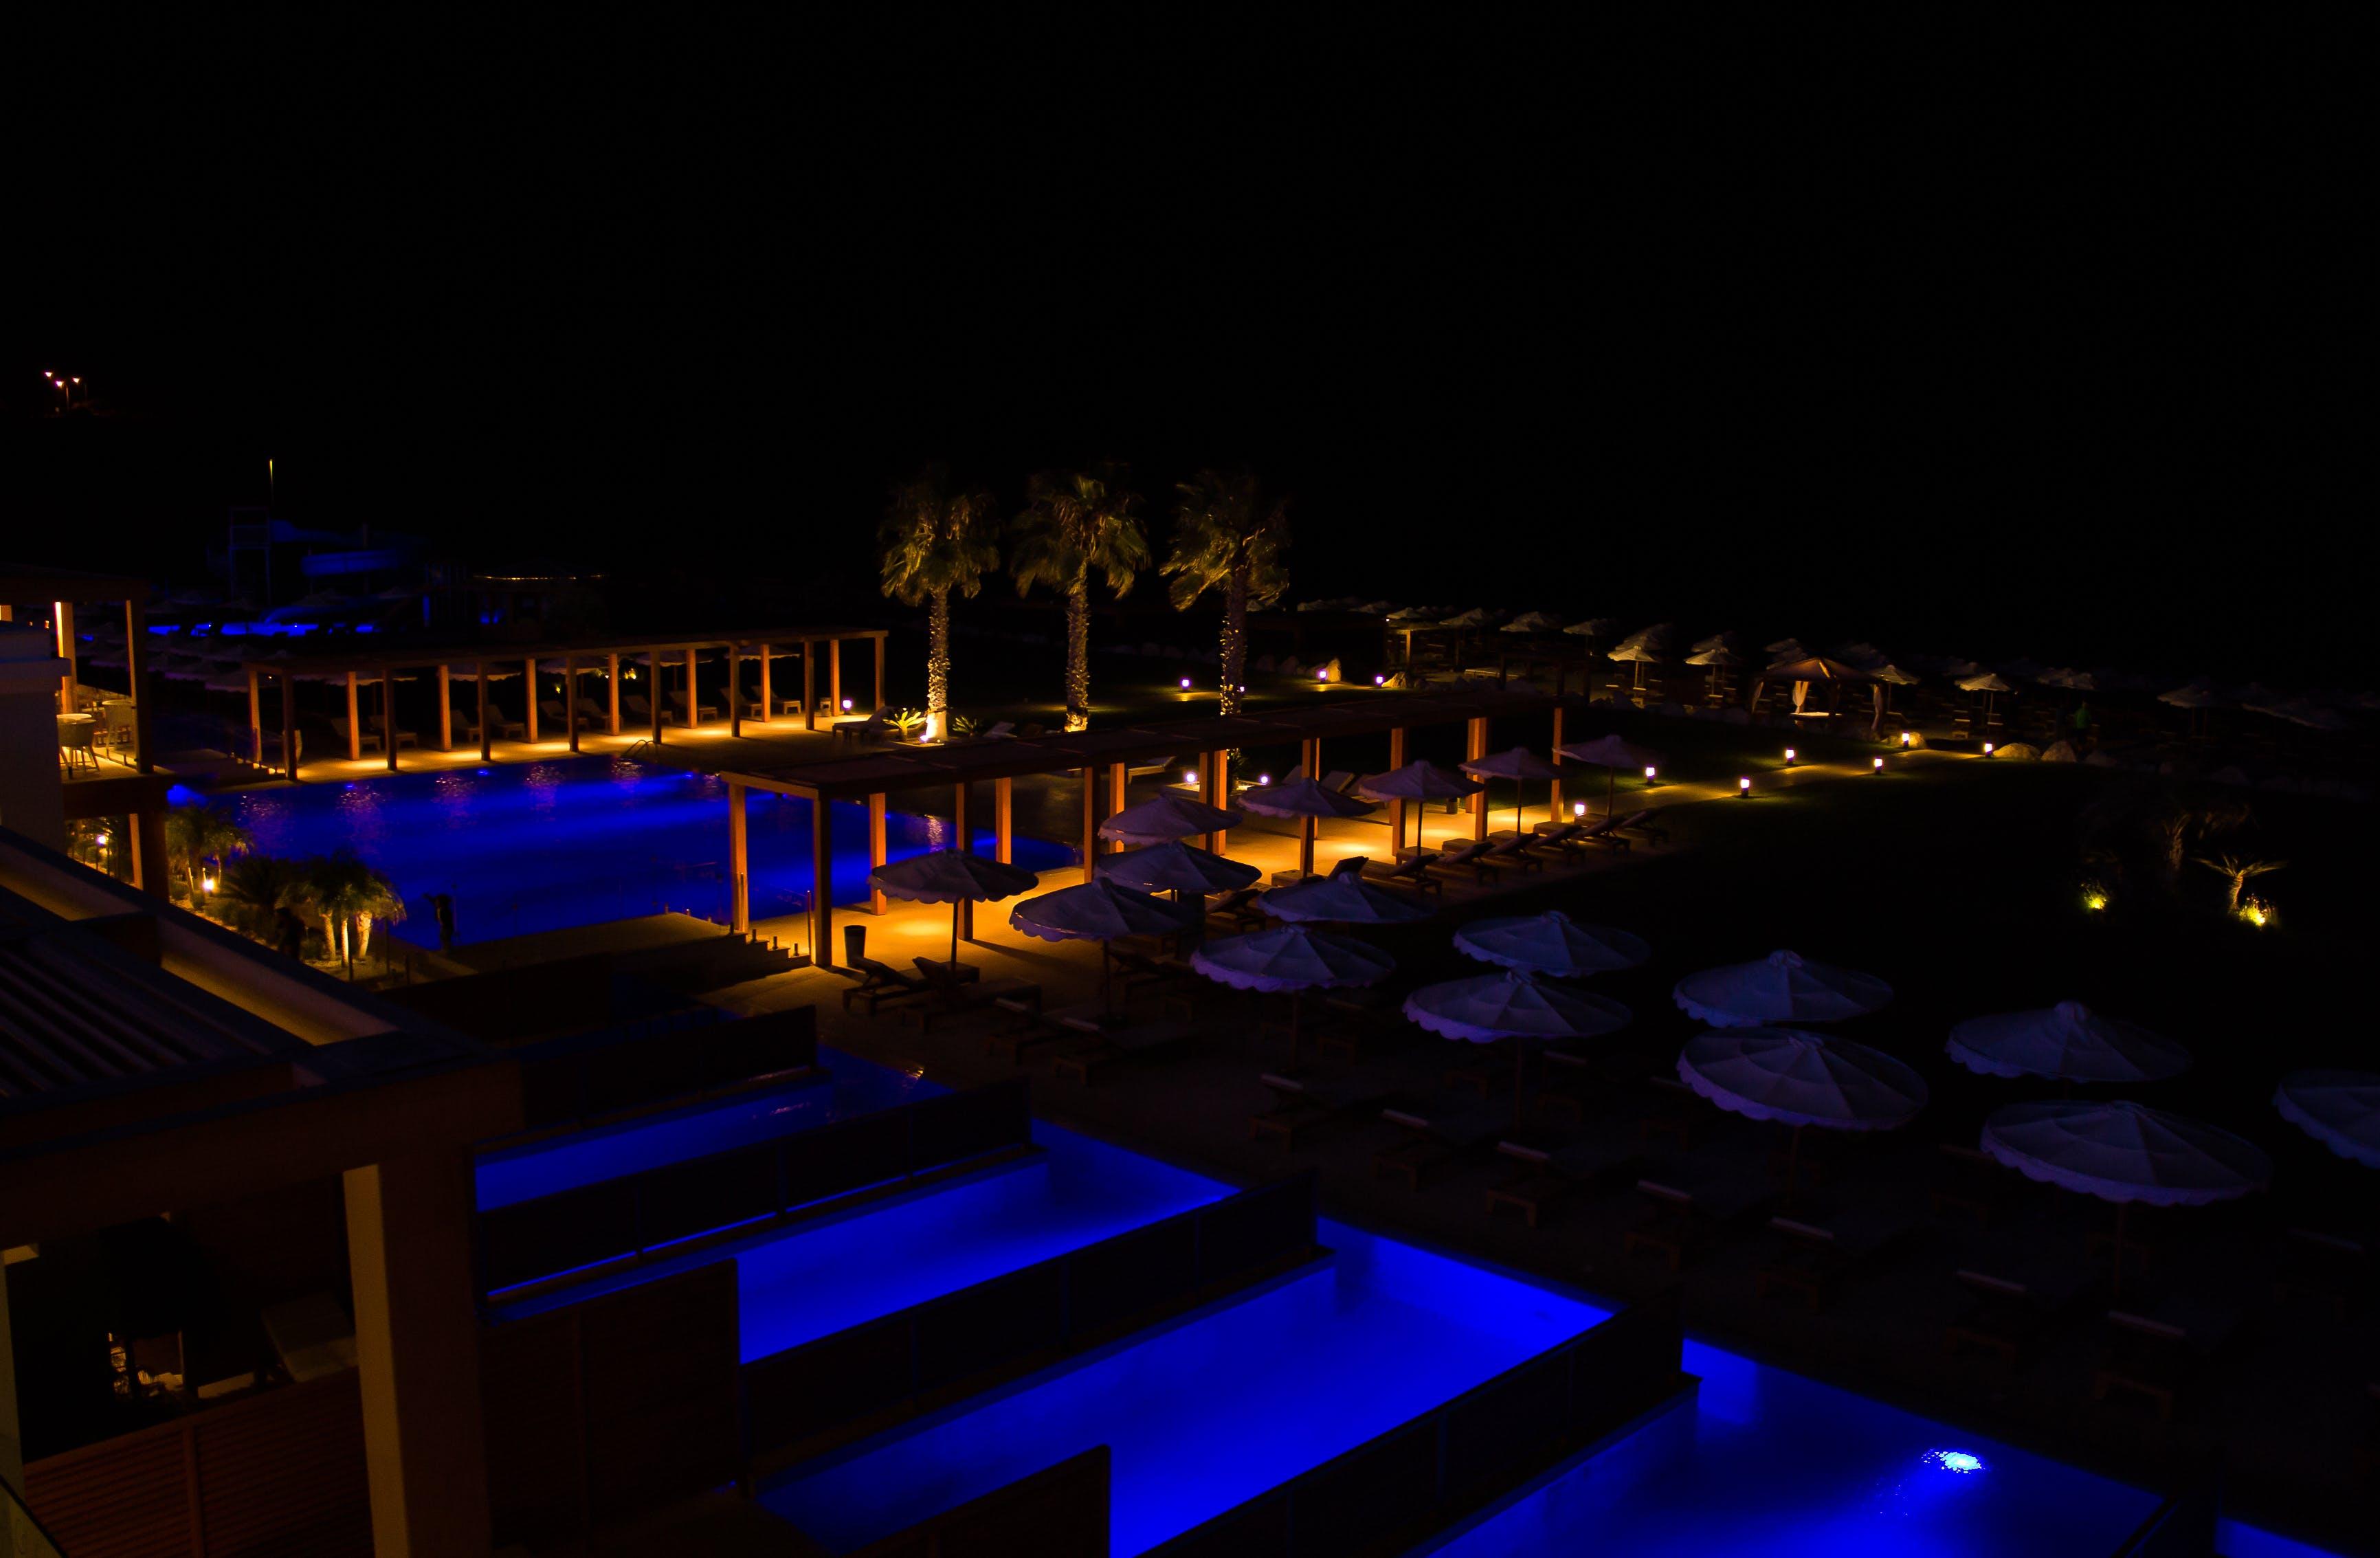 Gratis lagerfoto af hotel, nat hotel, palmer, personlig pool